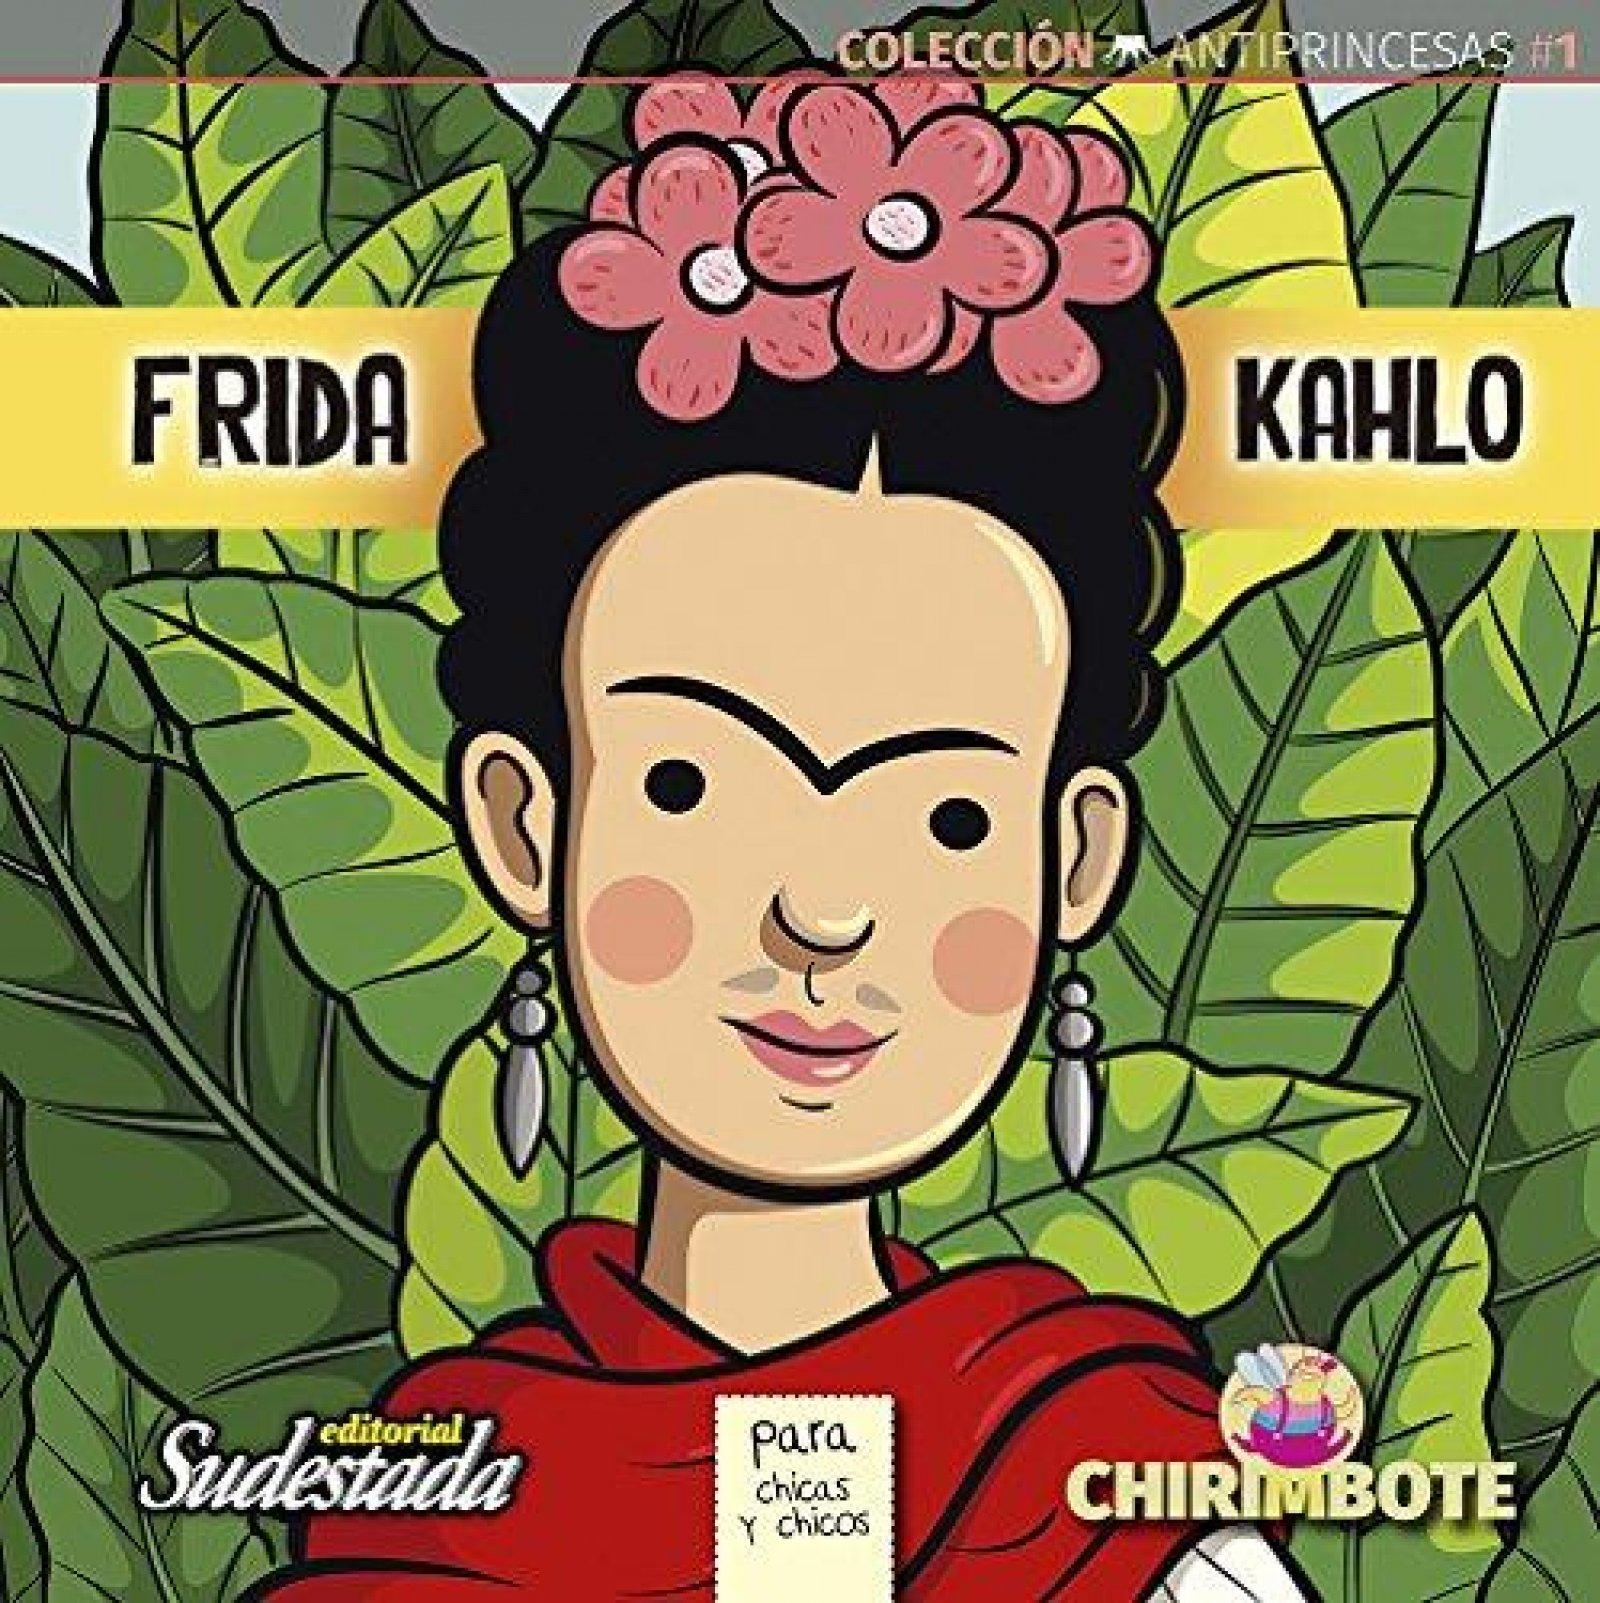 Frida Kahlo para chicas y chicos de Nadia Fink.